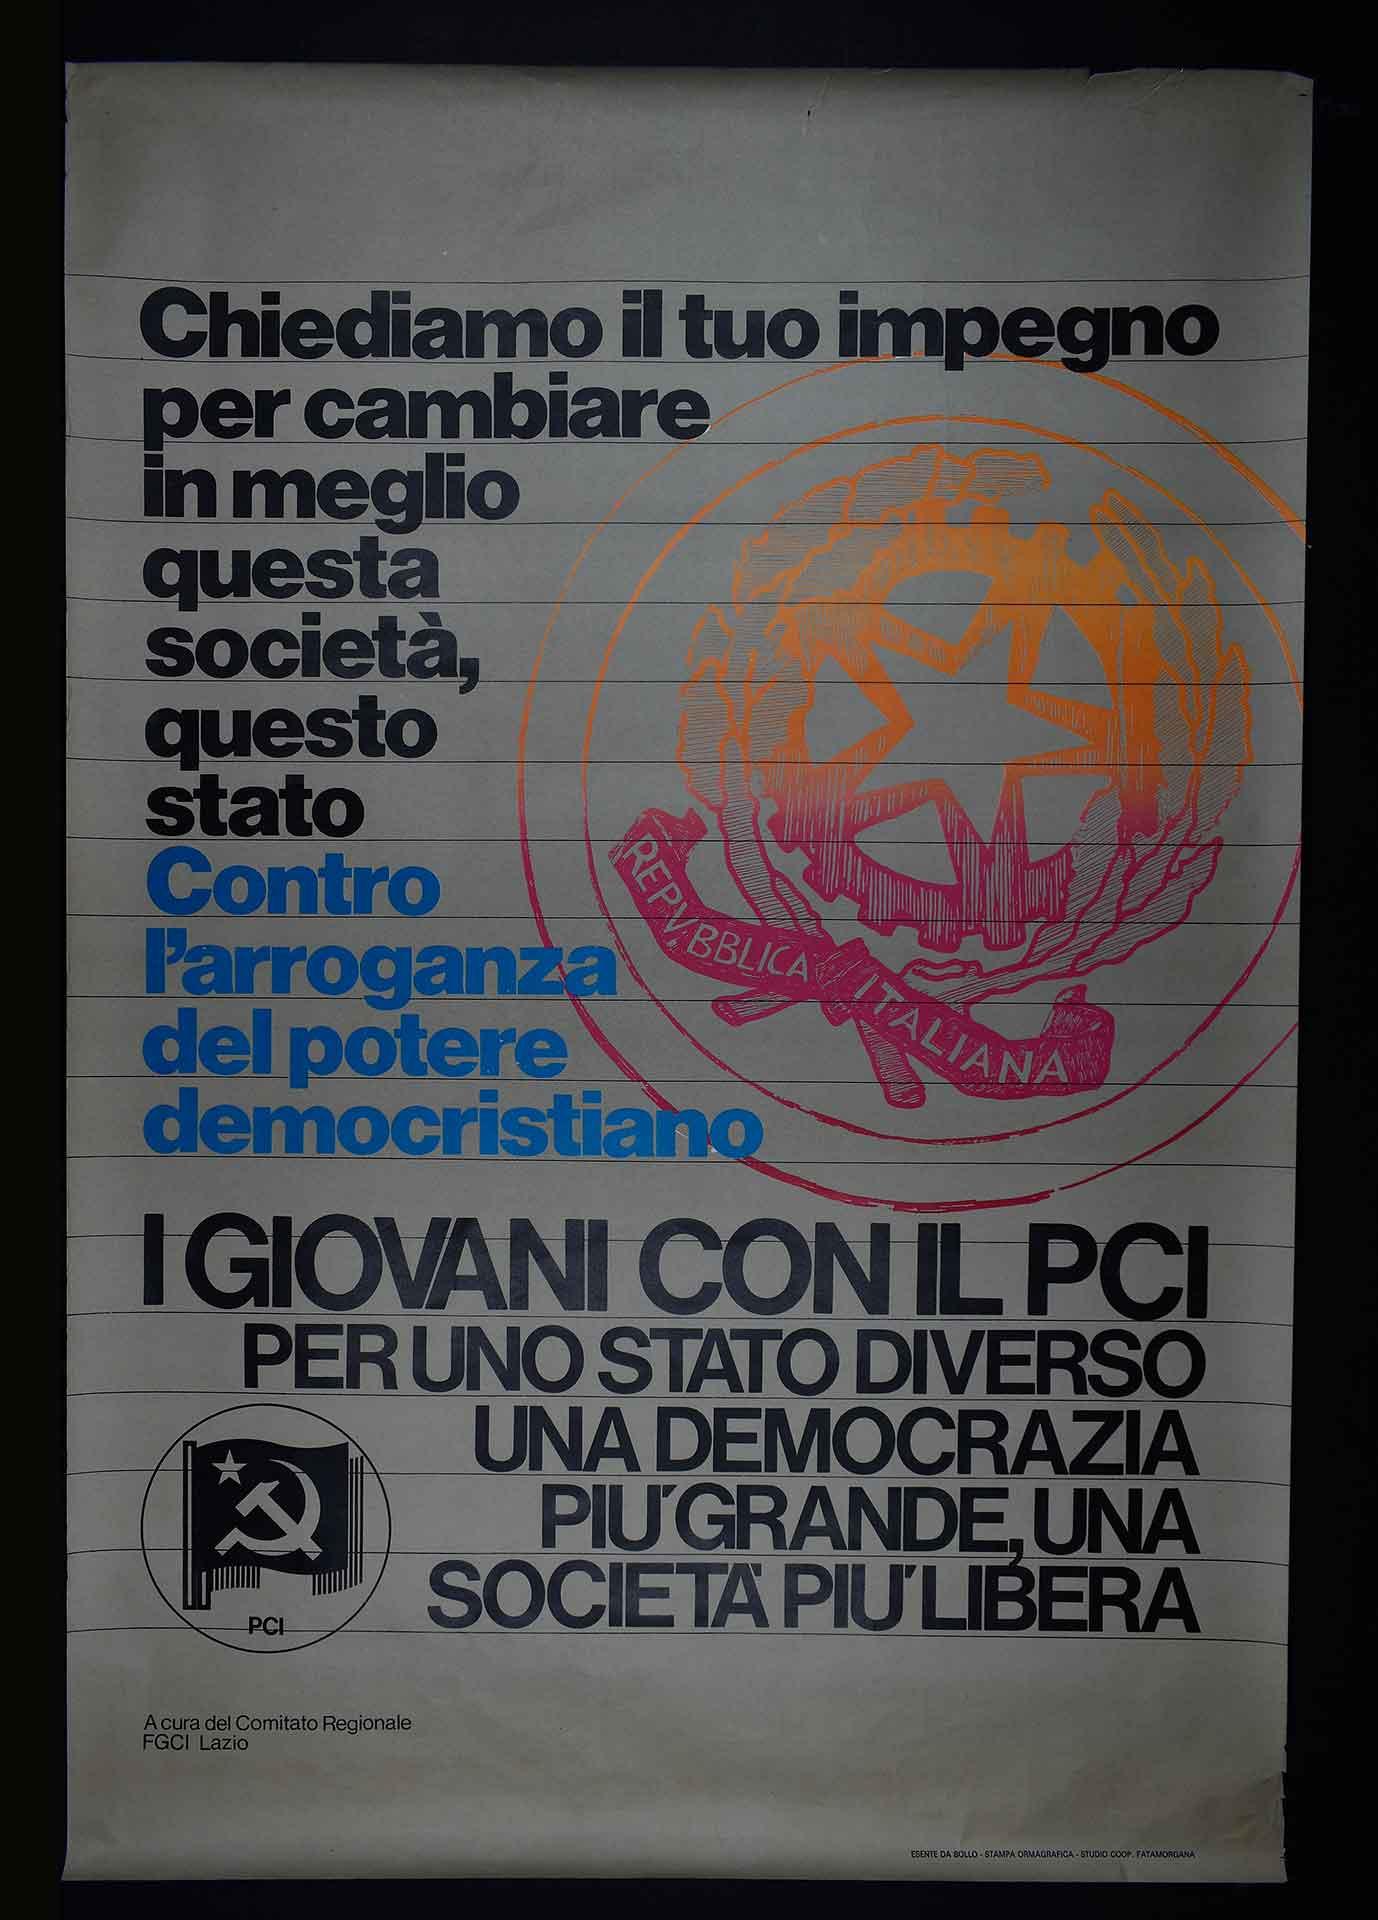 Comitato regionale della Federazione giovanile comunista italiana (FGCI) del Lazio. Stampa Ormagrafica, Roma. Studio grafico Fatamorgana. Comunicazione di partito.